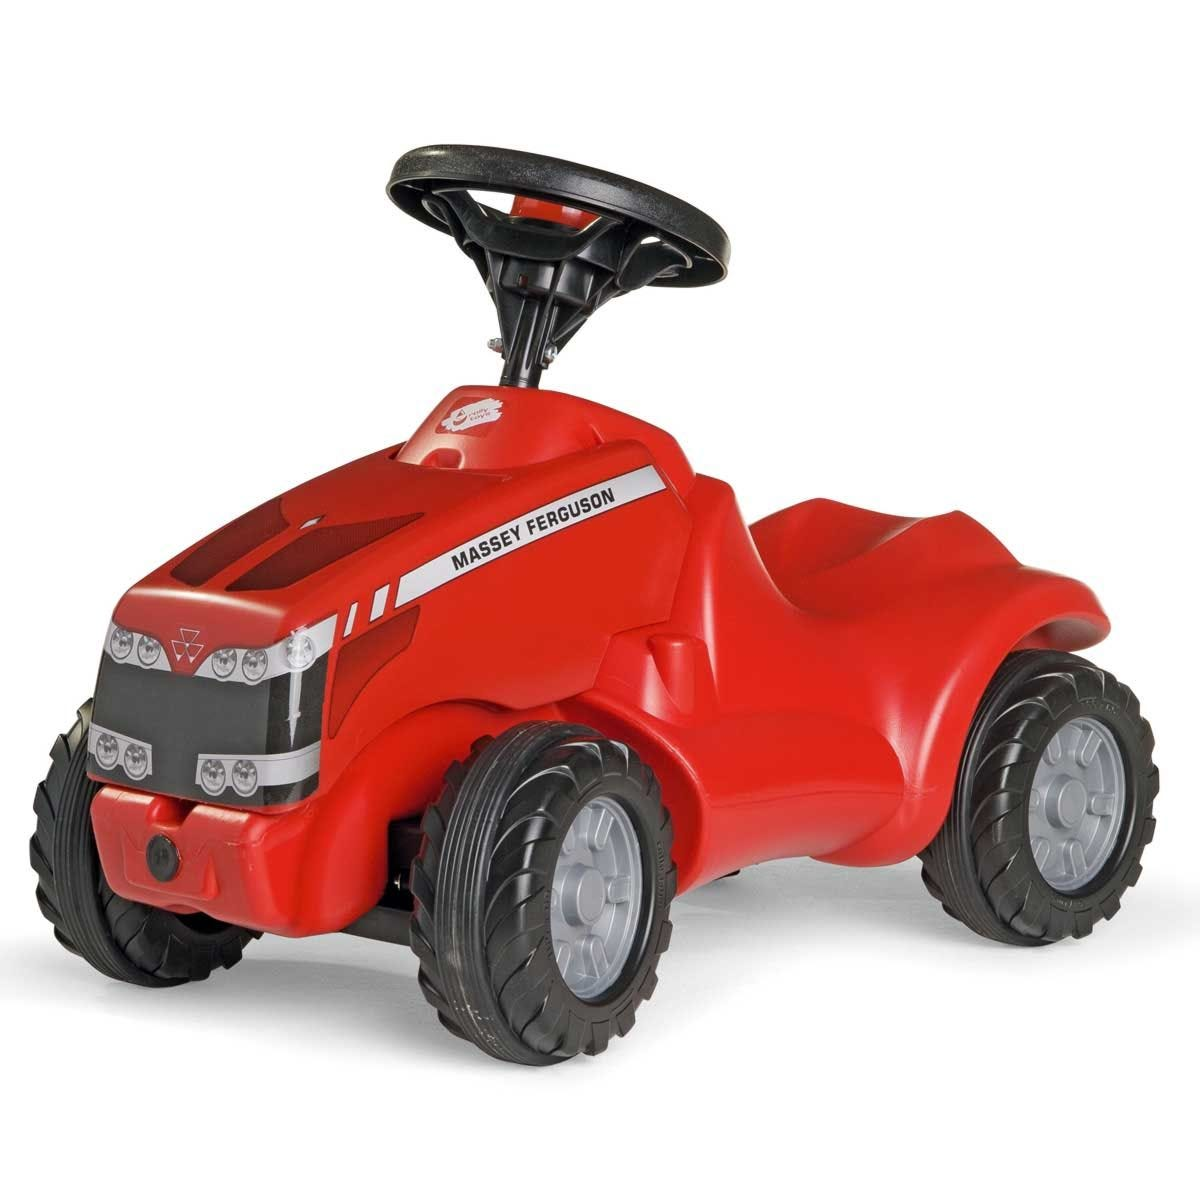 Massey Ferguson 5470 Kid's Mini Ride-On Tractor